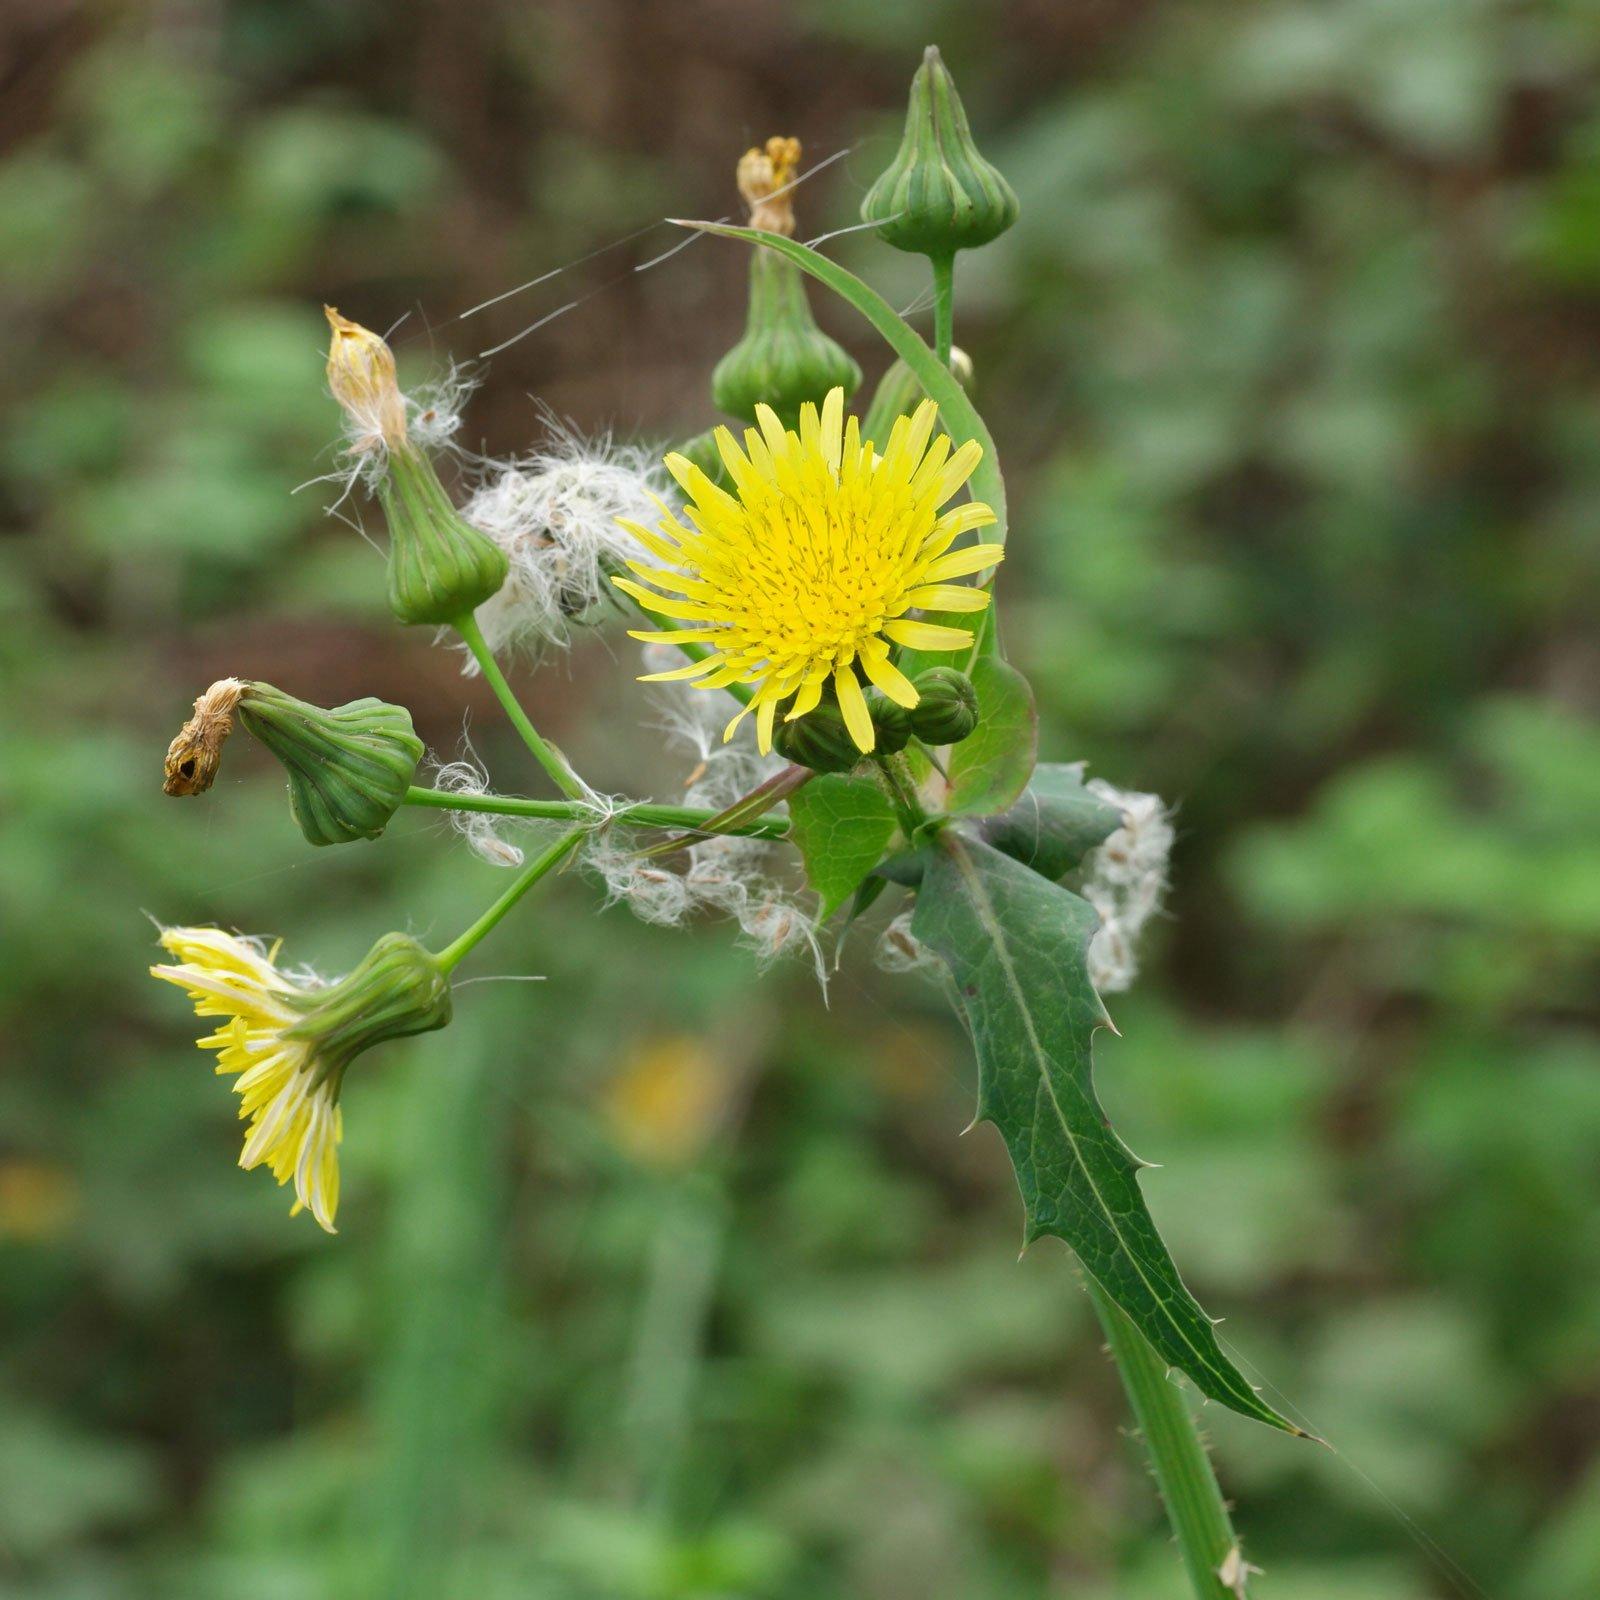 Осот: полезные свойства травы и противопоказания, вред